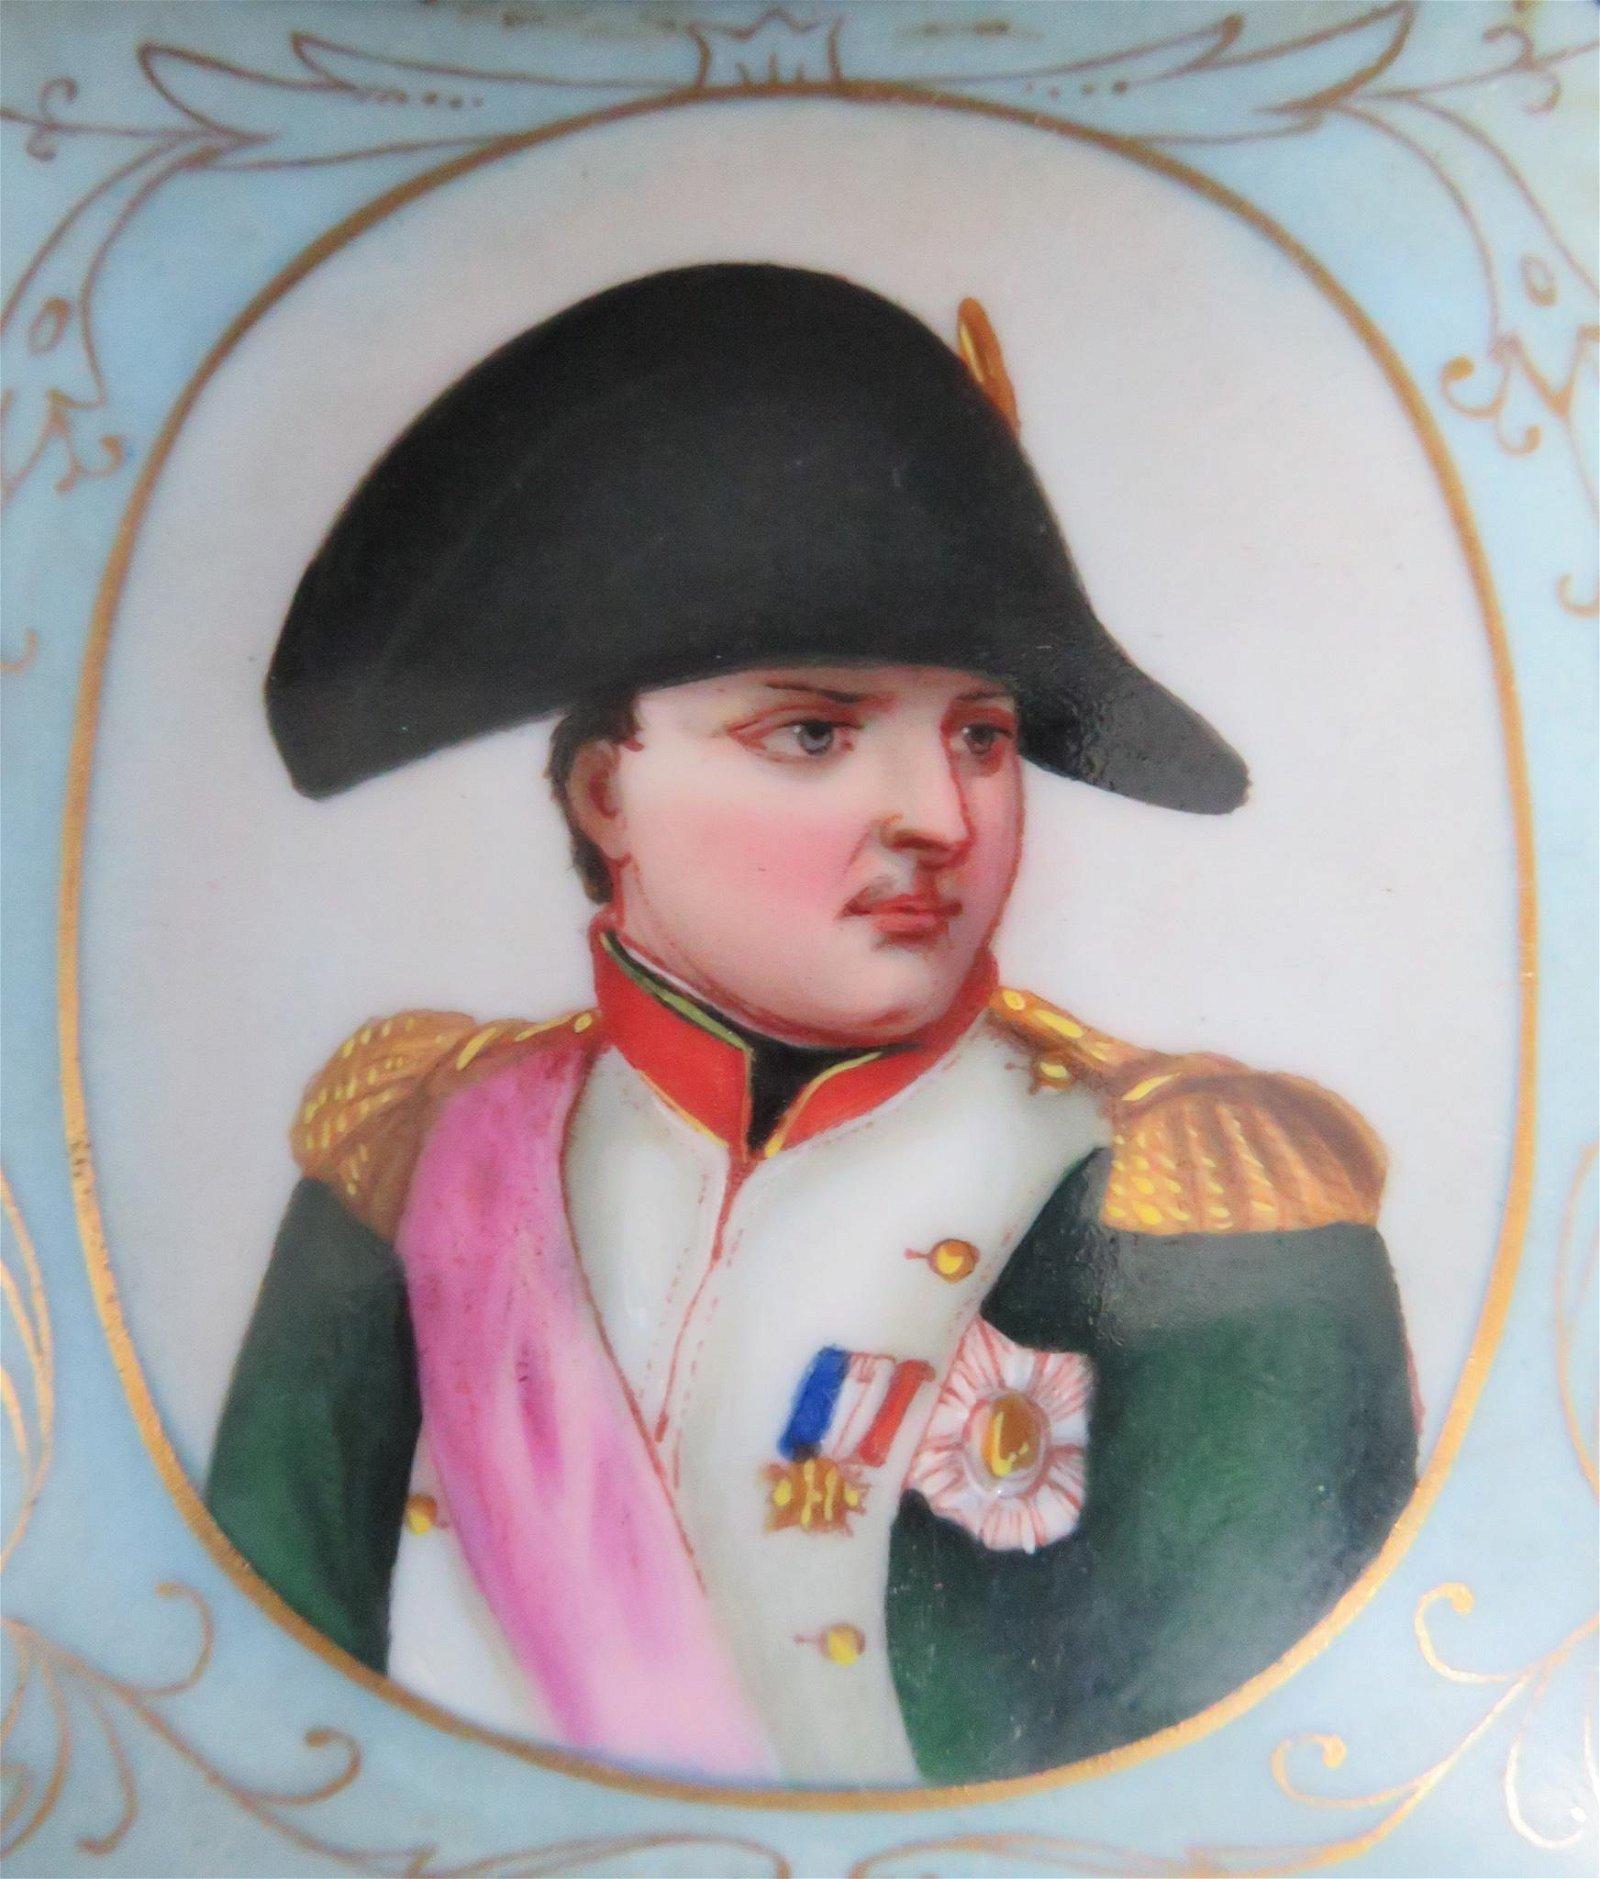 Antique Hand-Painted Porcelain Napoleon I Portrait